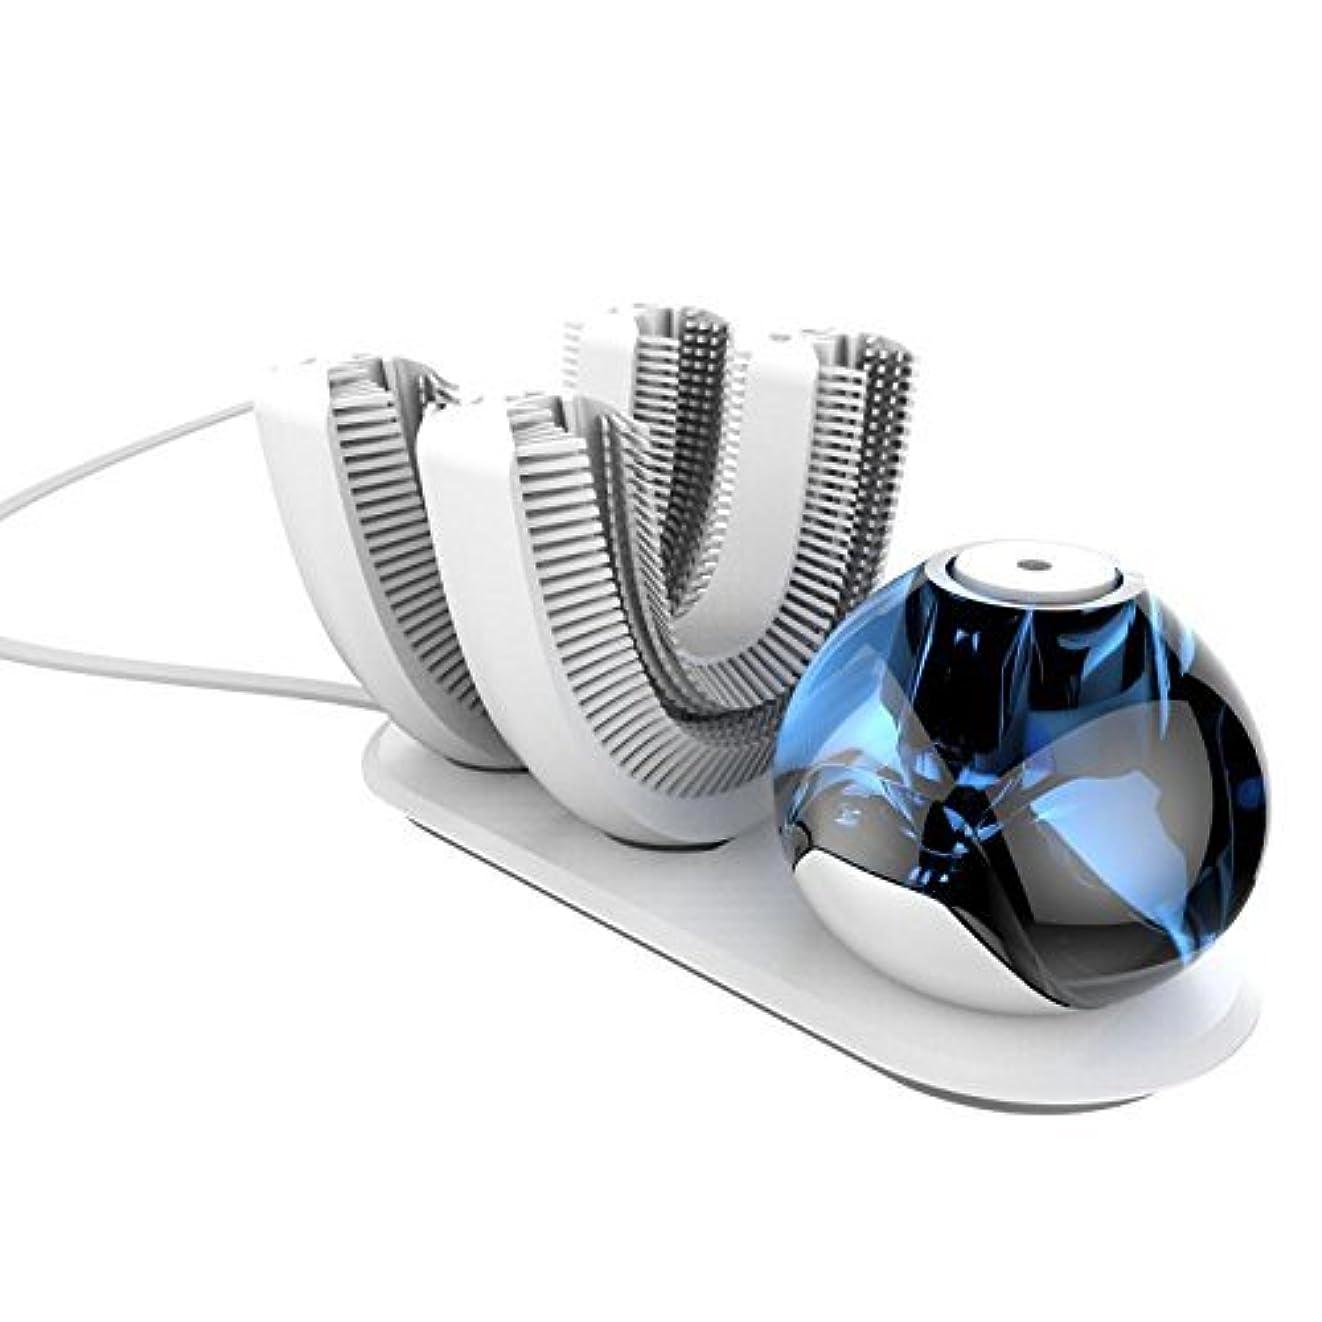 時代きらめくラベル怠け者牙刷-電動 U型 超音波 専門370°全方位 自動歯ブラシ ワイヤレス充電 成人 怠け者 ユニークなU字型のマウスピース わずか10秒で歯磨き 自動バブル 2本の歯ブラシヘッド付き あなたの手を解放 磁気吸引接続...